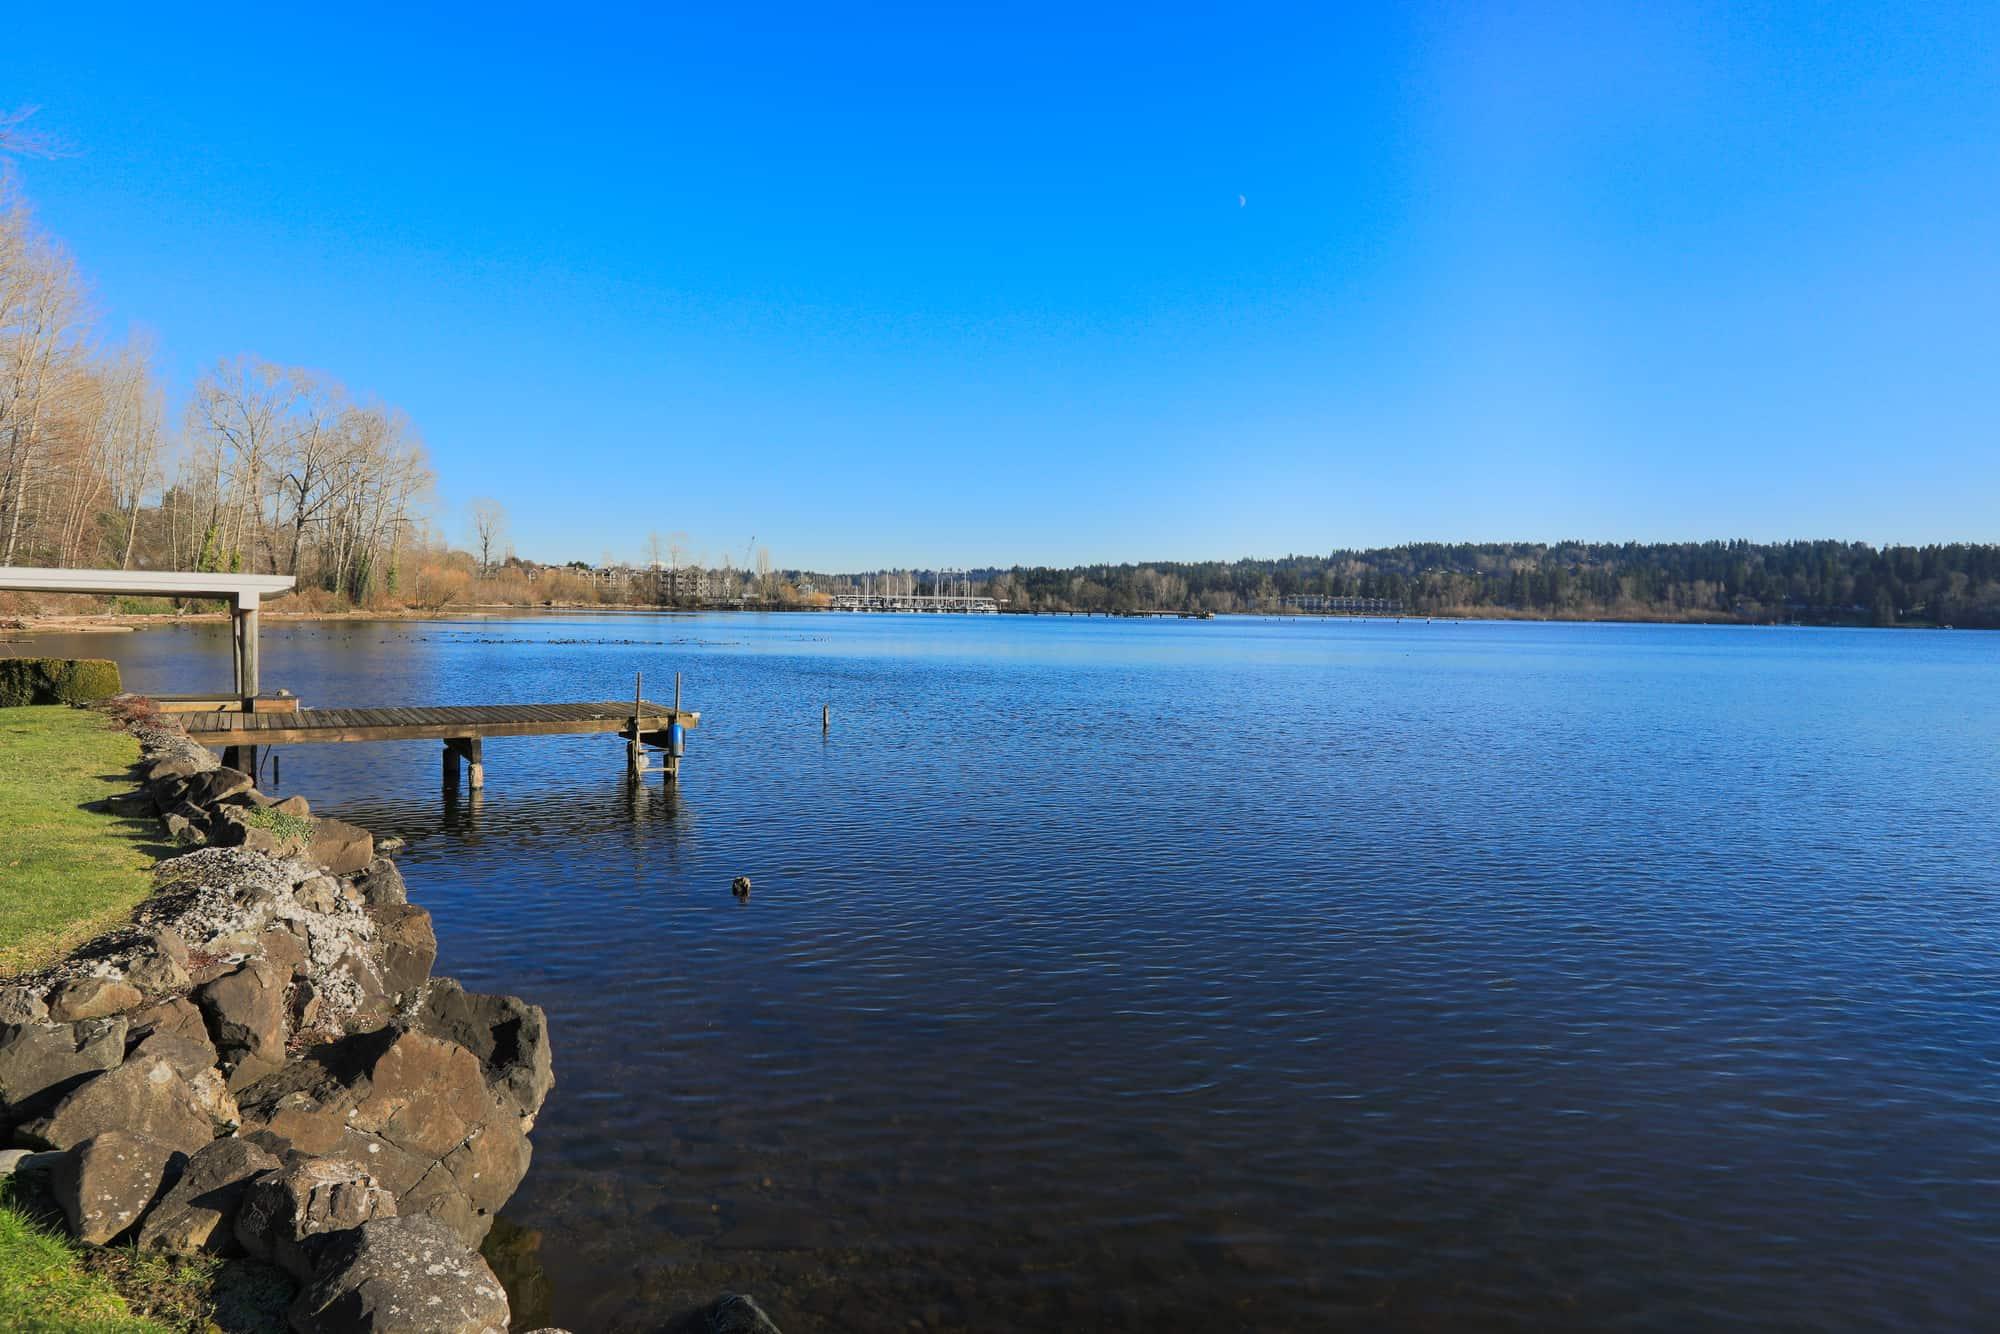 Lake Cle Elum